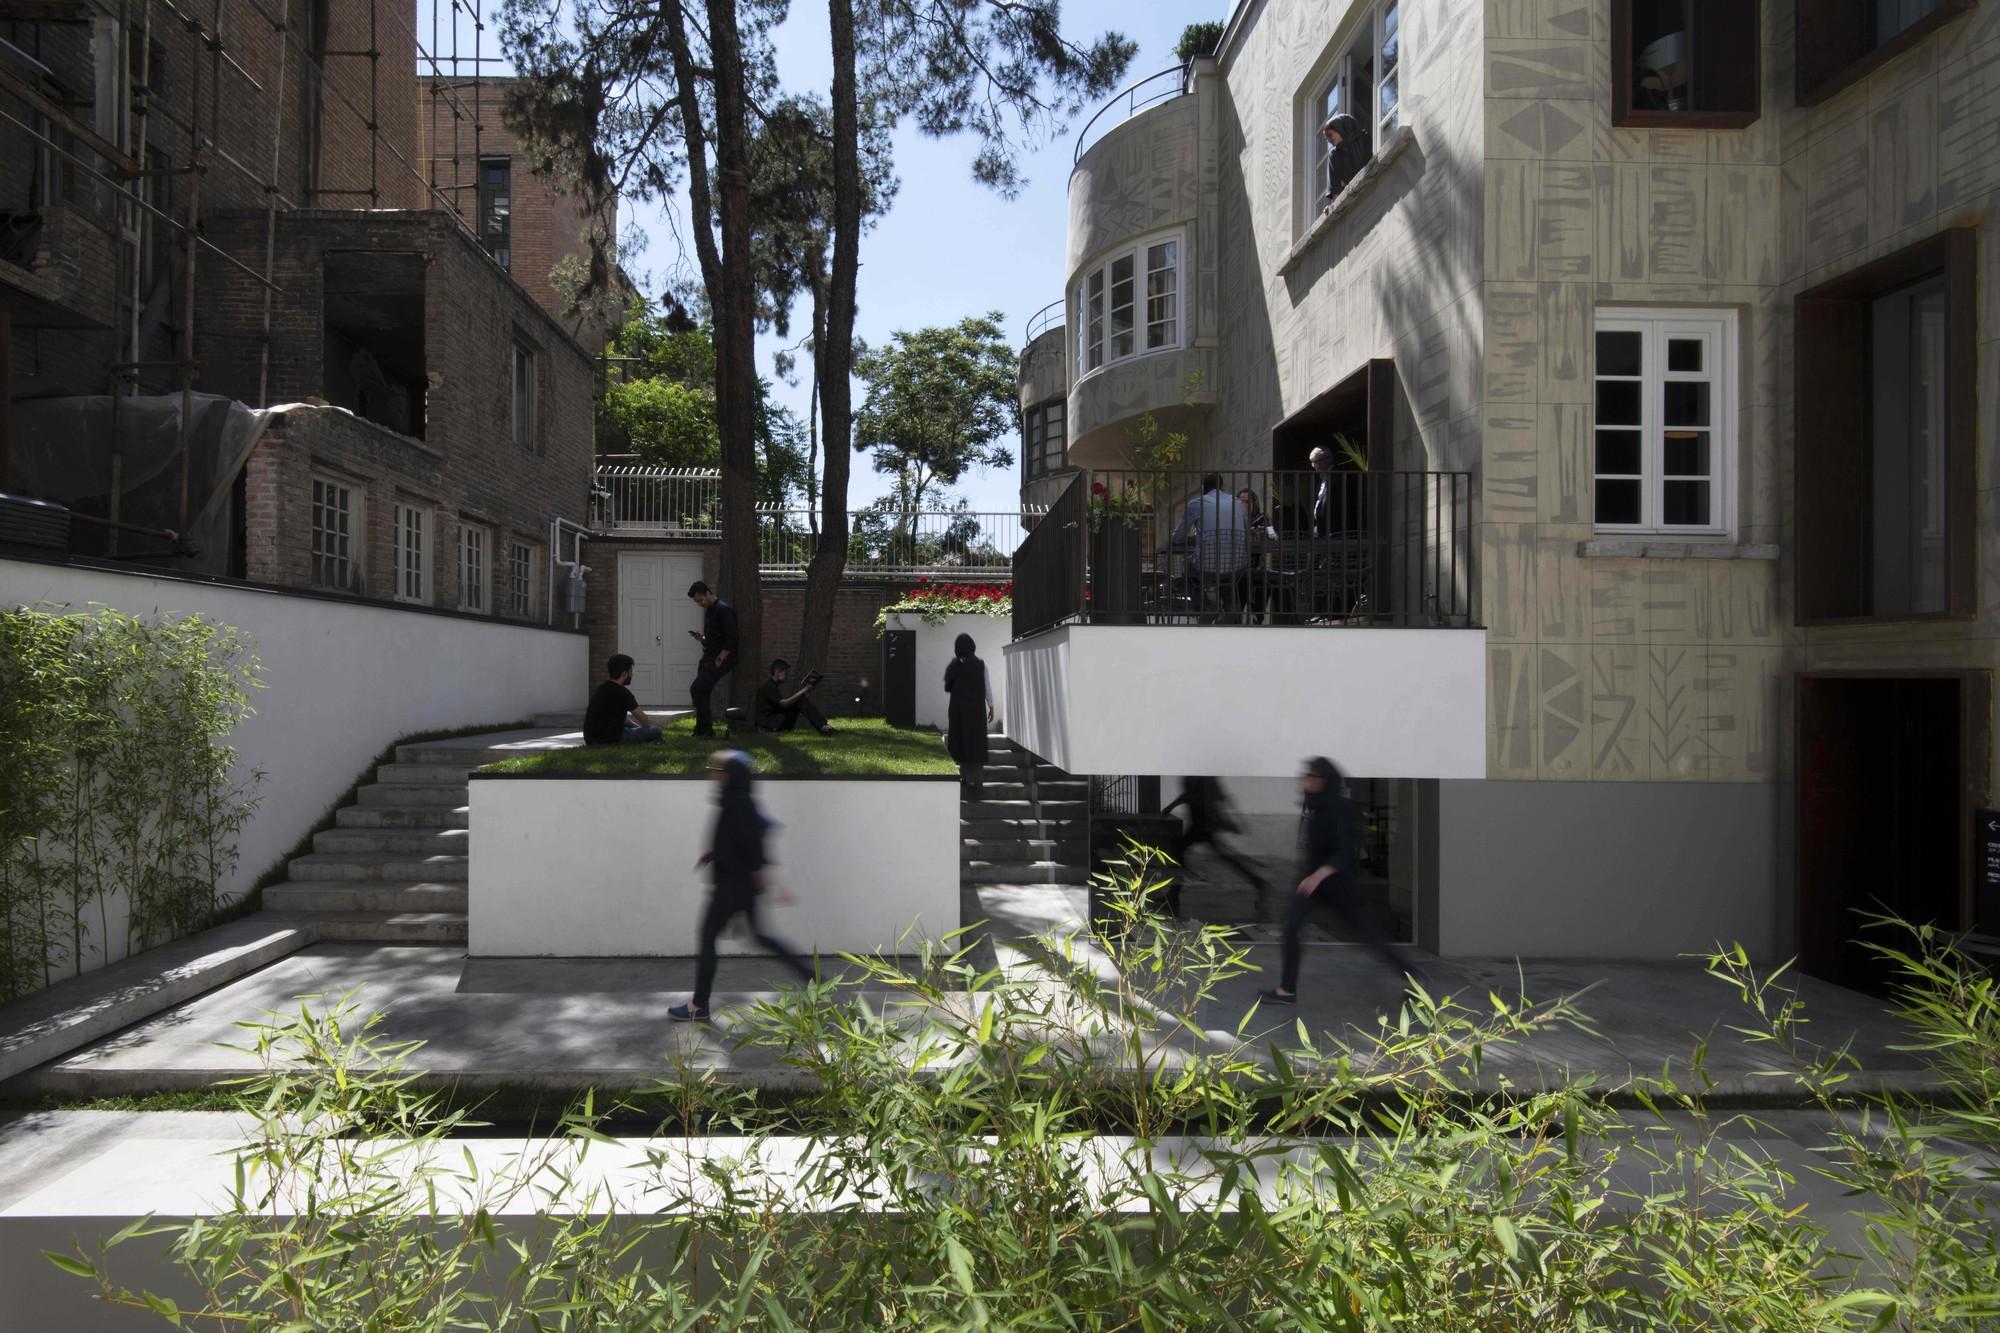 Hanna Boutique Hotel / Persian Garden Studio thumbnail